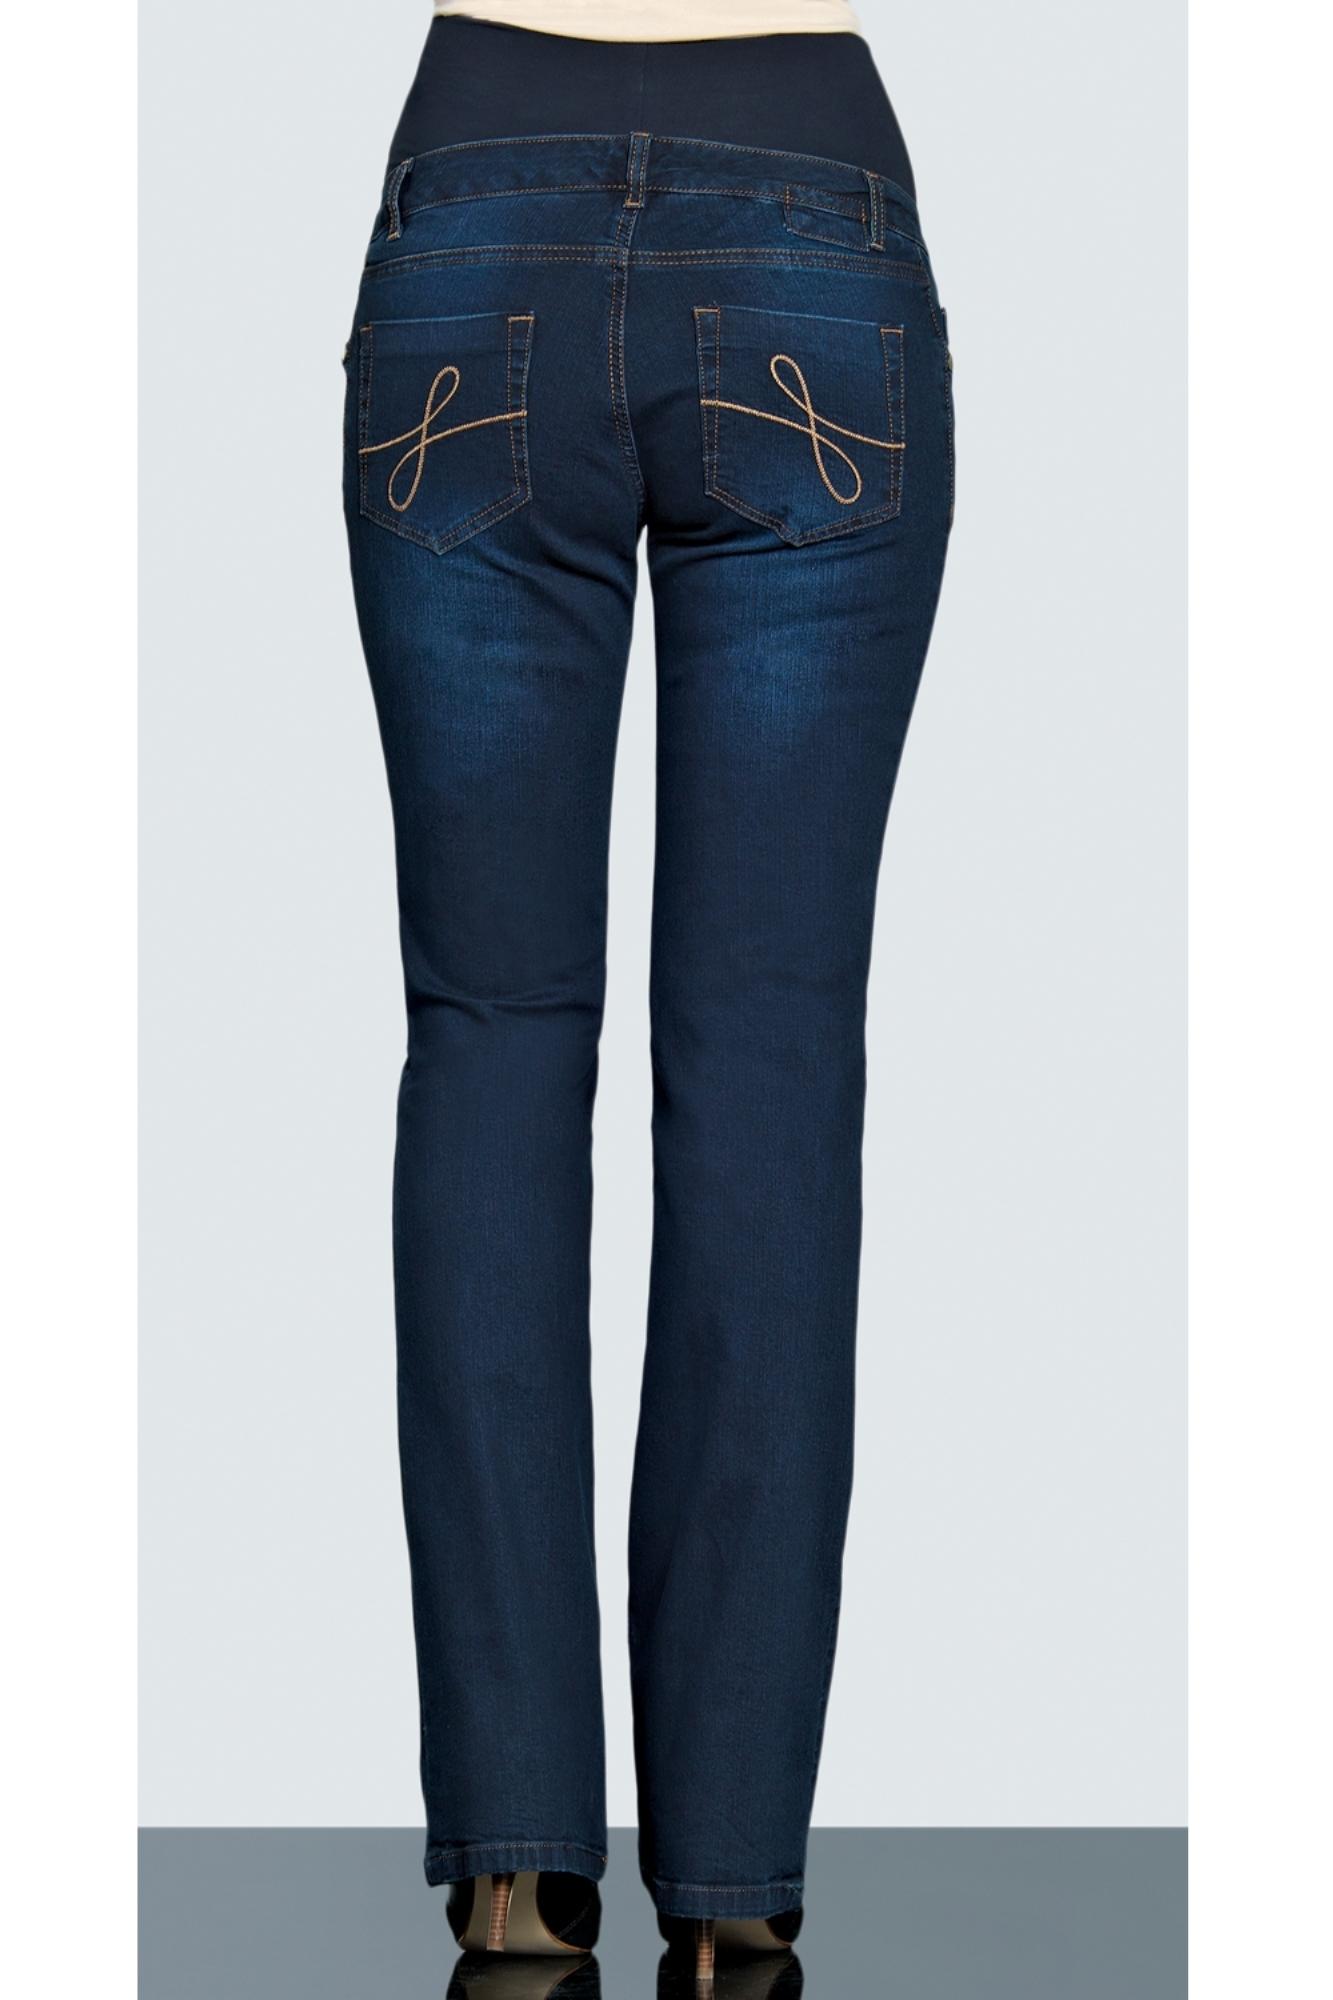 Фото джинсы для беременных EBRU, расклешенные, широкий бандаж от магазина СкороМама, темно-синий, размеры.